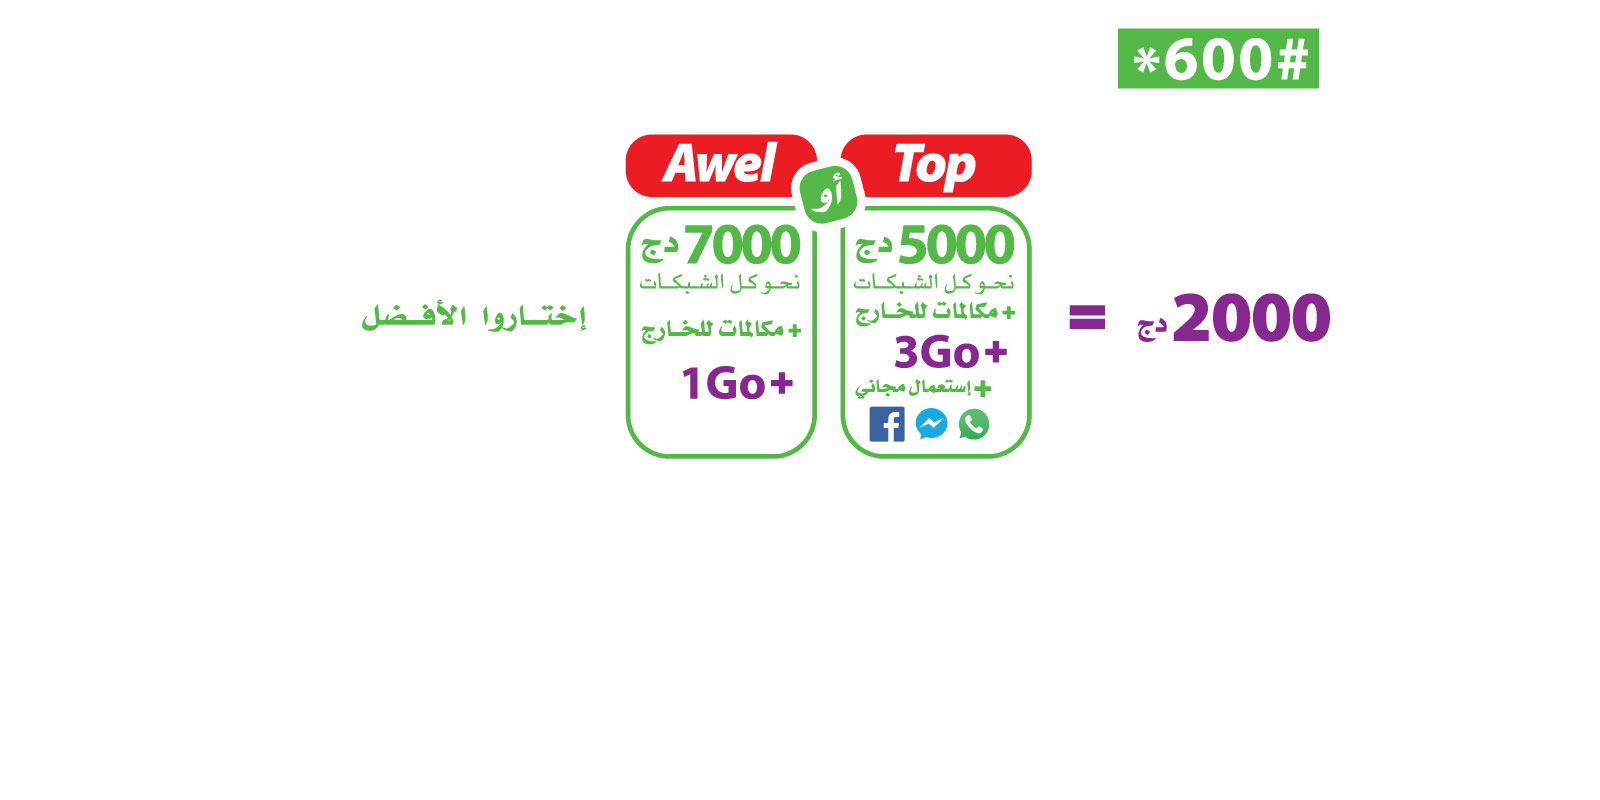 برنامج TOP موبيليس تطلق عروضها المحسنة الجديدة اول نحو جميع الشبكات